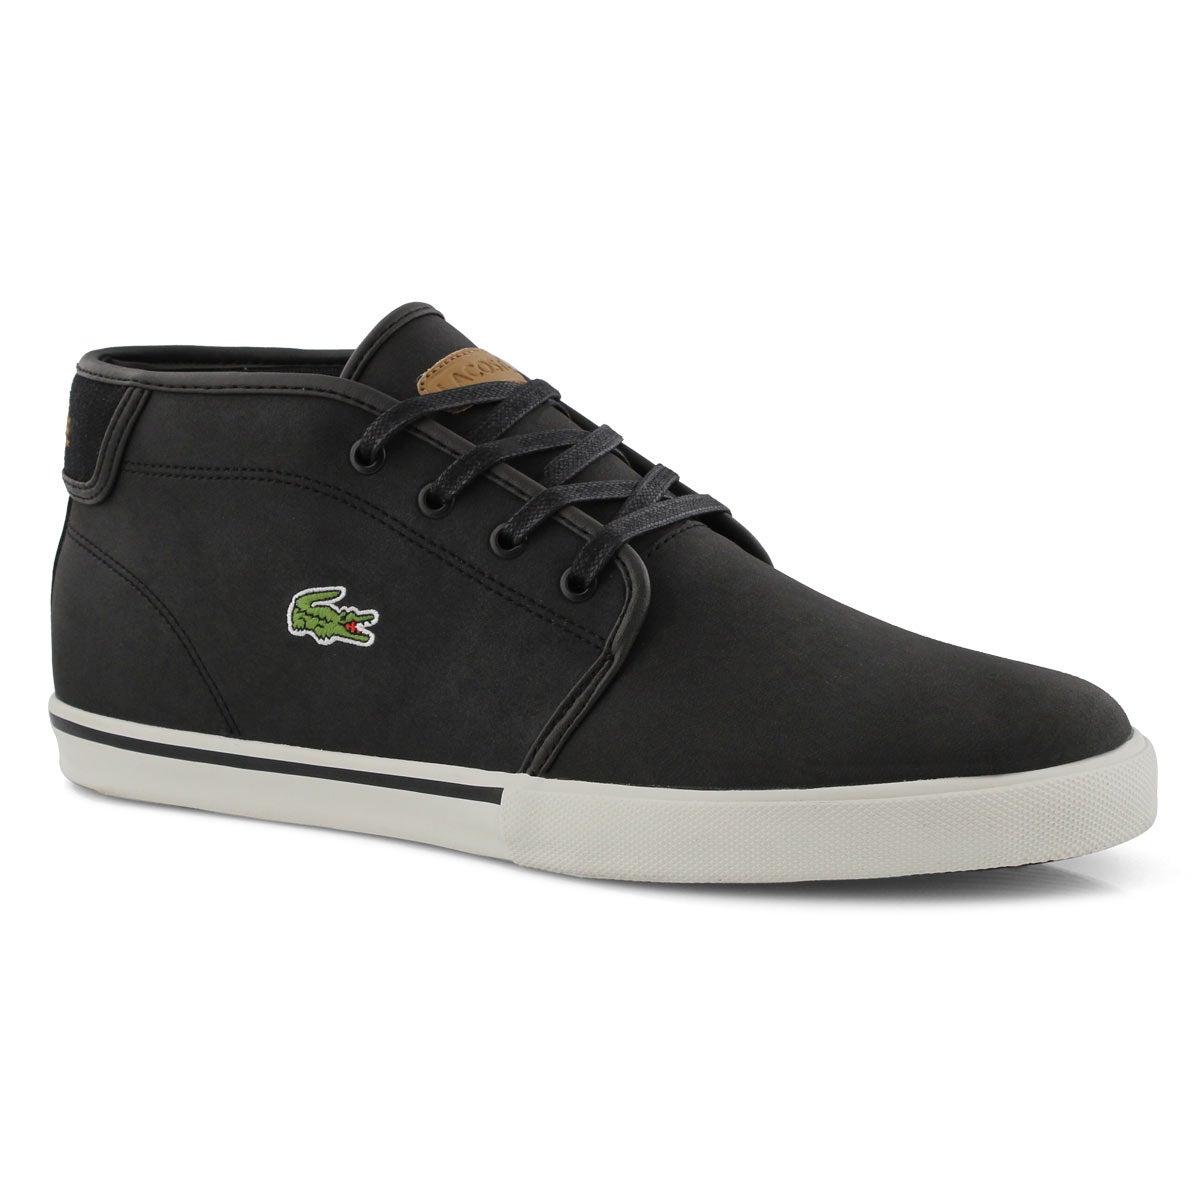 Mns Ampthill 119 1 blk/brn mid sneaker